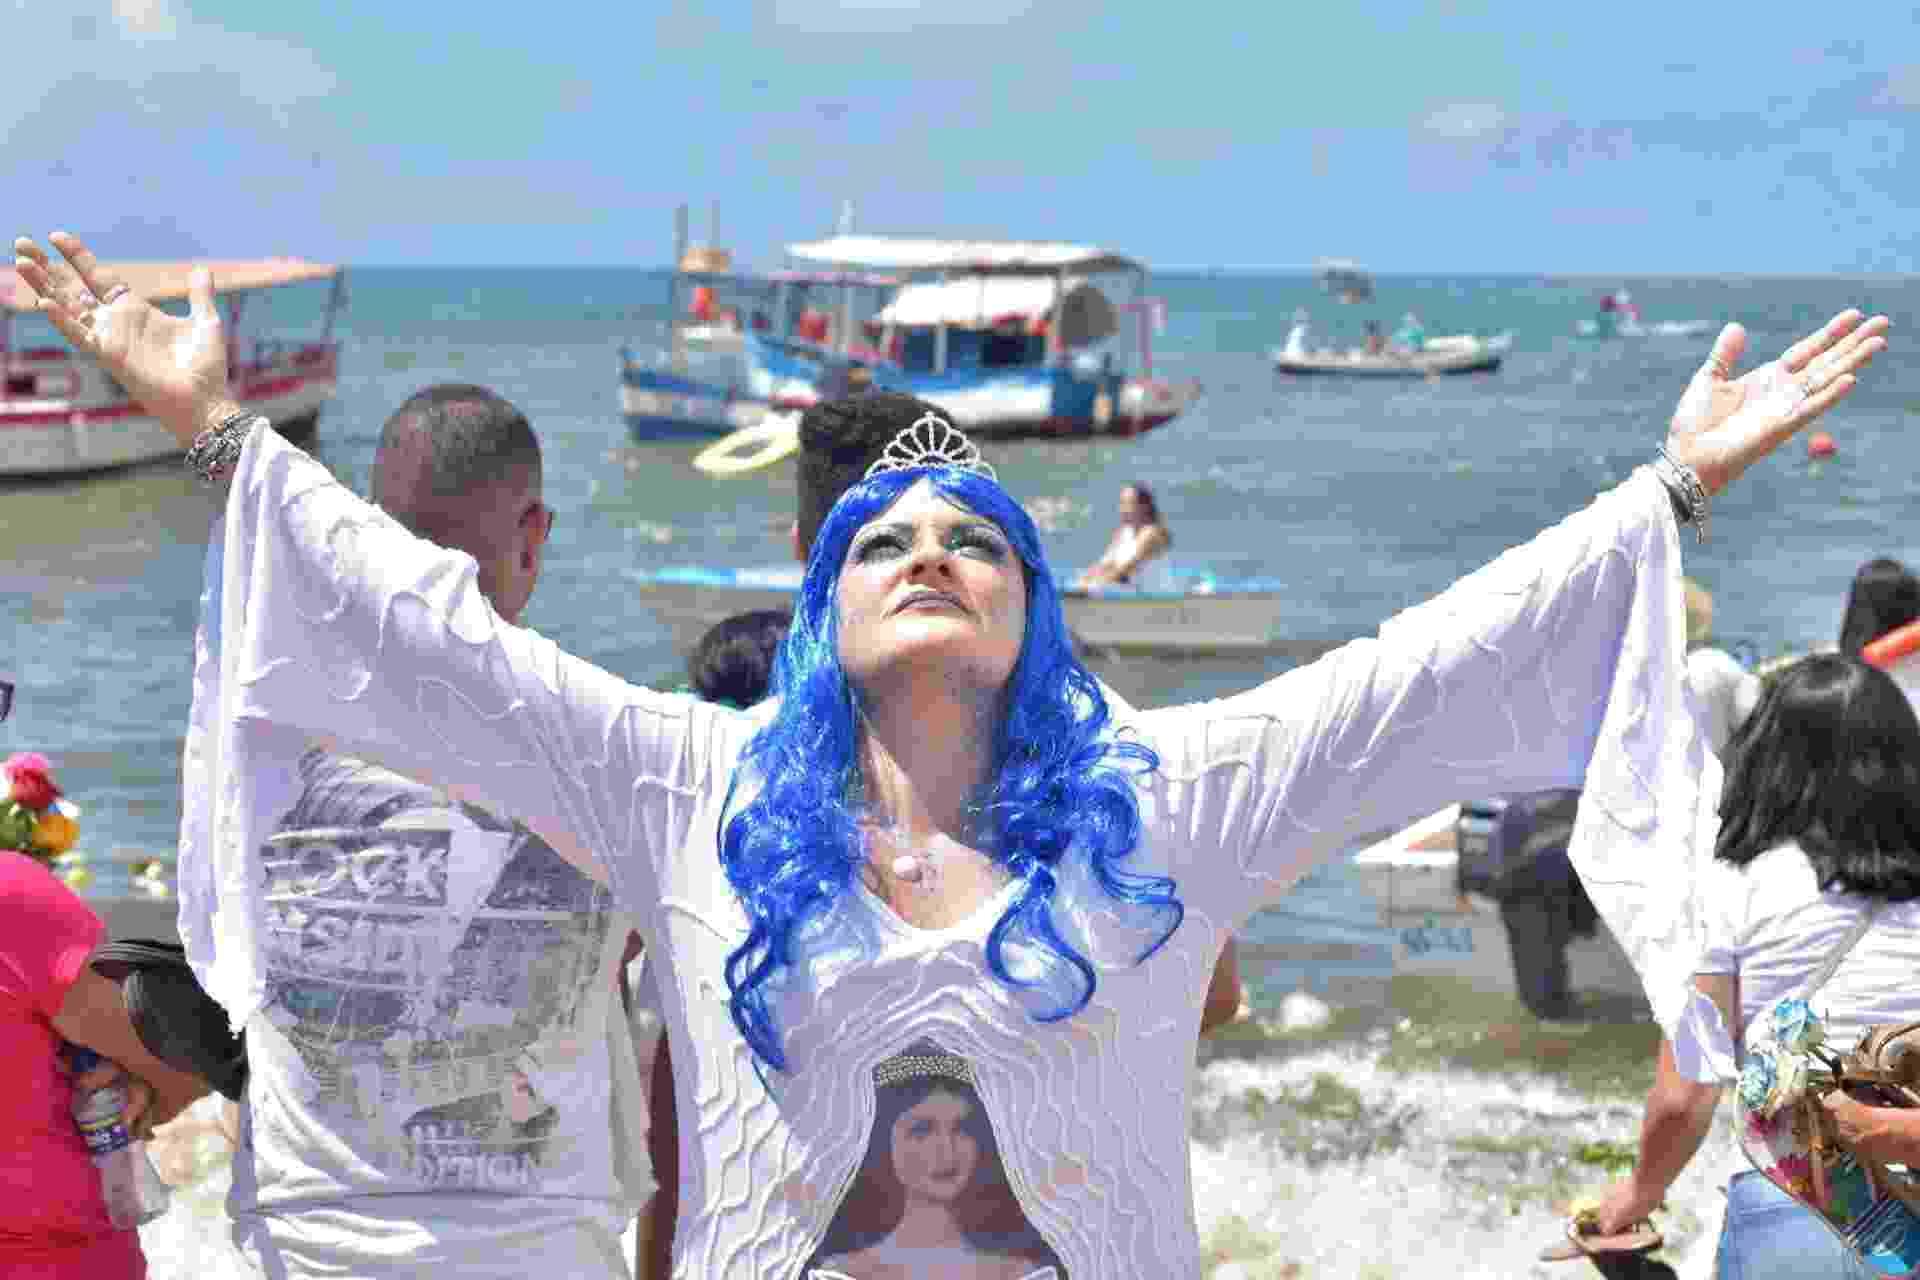 Devoto vestido de Iemanjá, no Rio Vermelho em Salvador (BA) - ENALDO PINTO/FUTURA PRESS/ESTADÃO CONTEÚDO